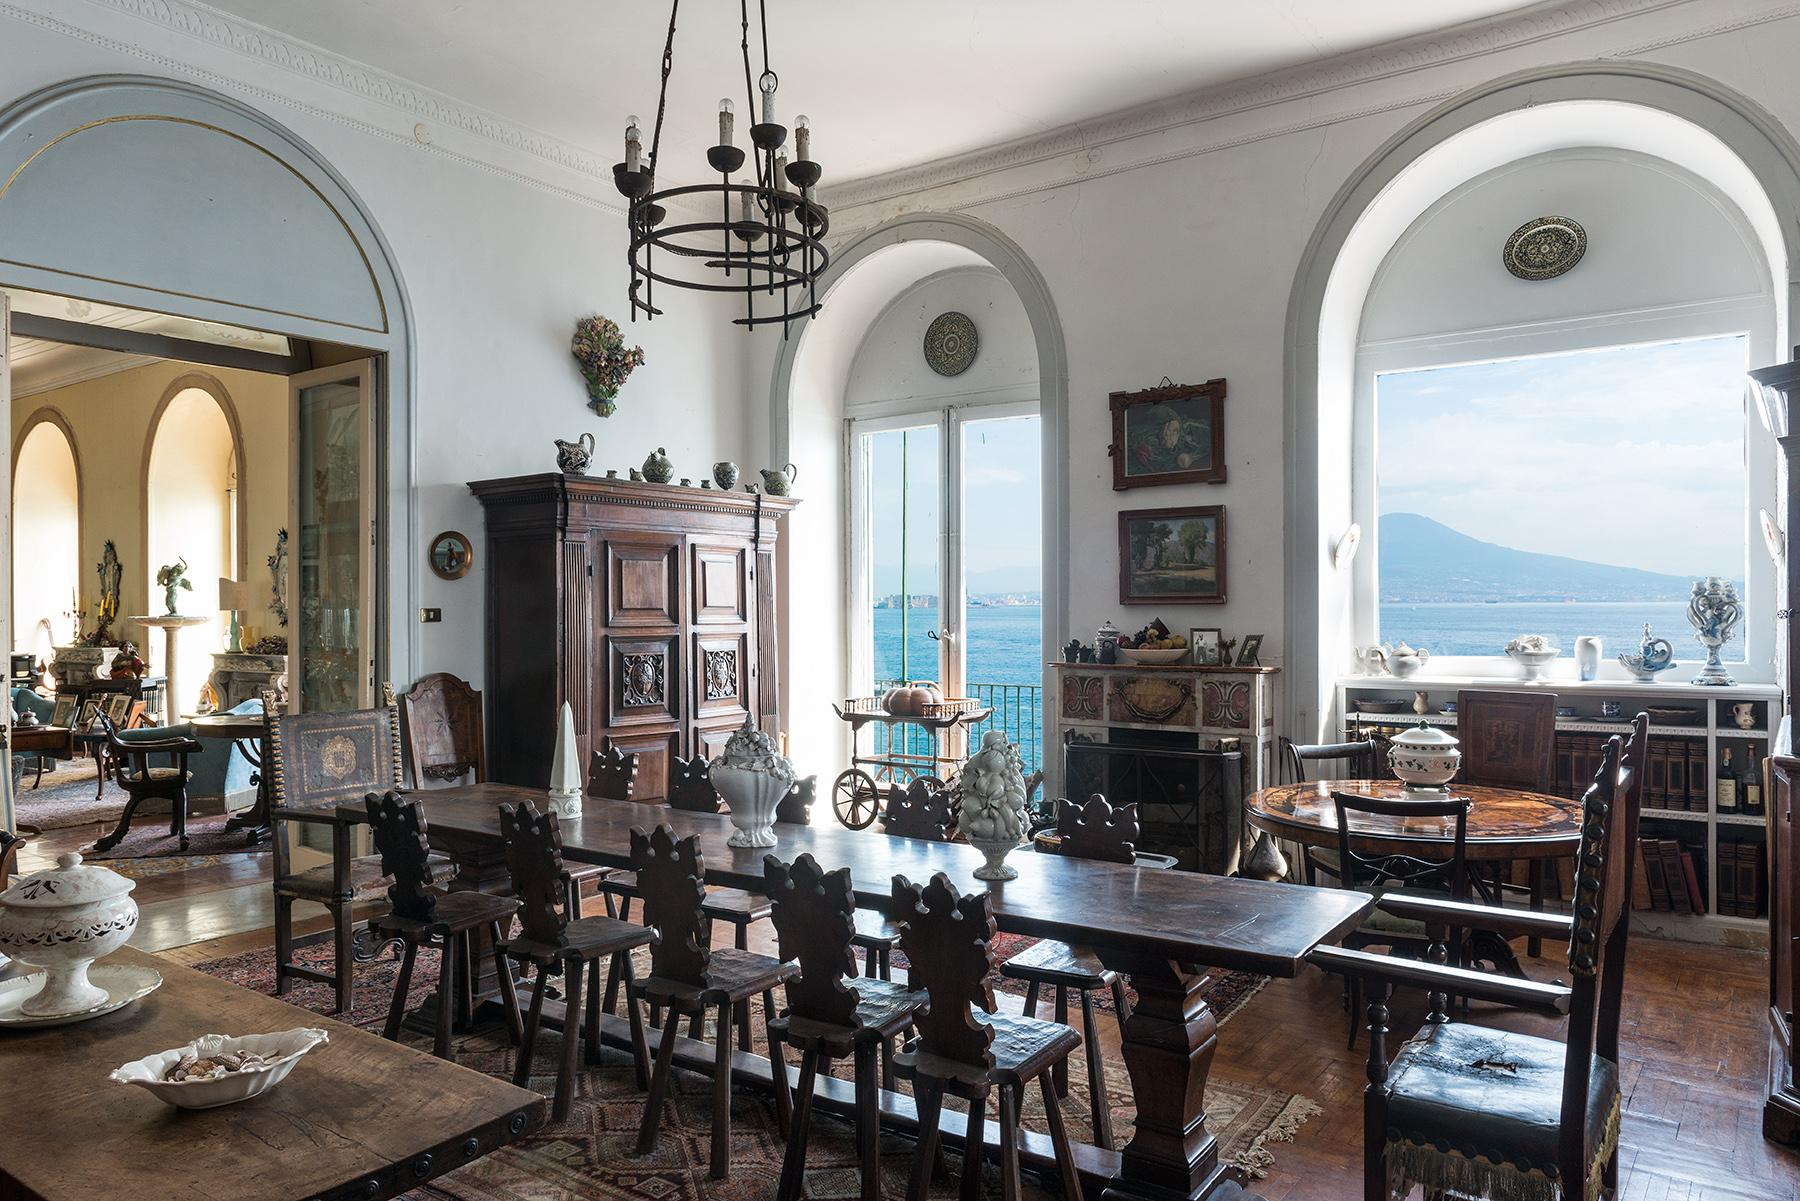 Первая линия моря! Потрясающие апартаменты в старинной вилле в Неаполе, Италия - 11